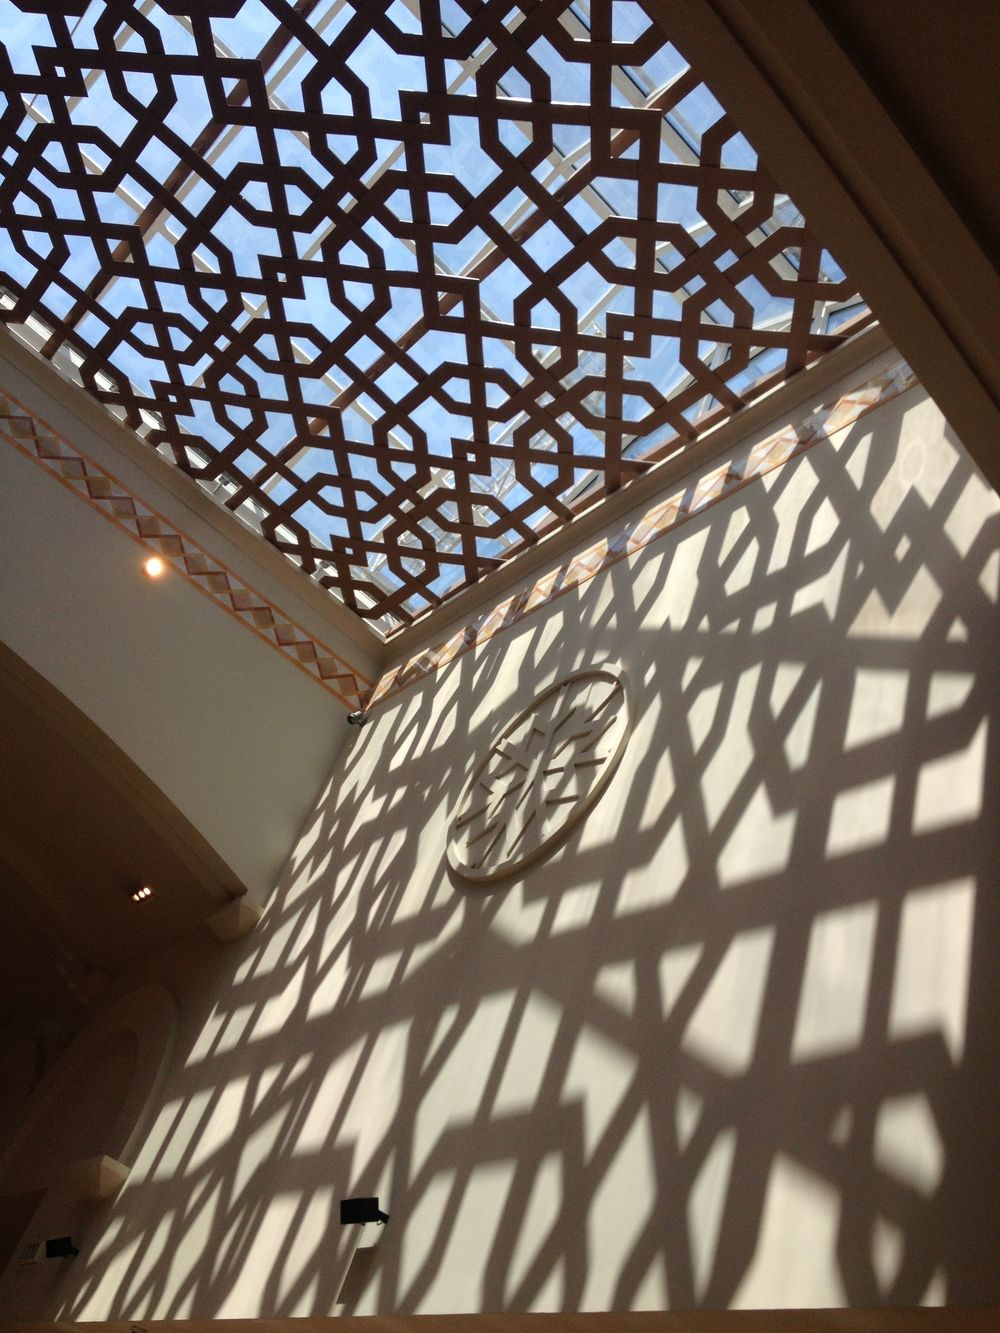 abiya mashrabiya - Google Search | Architecture, Metal ...